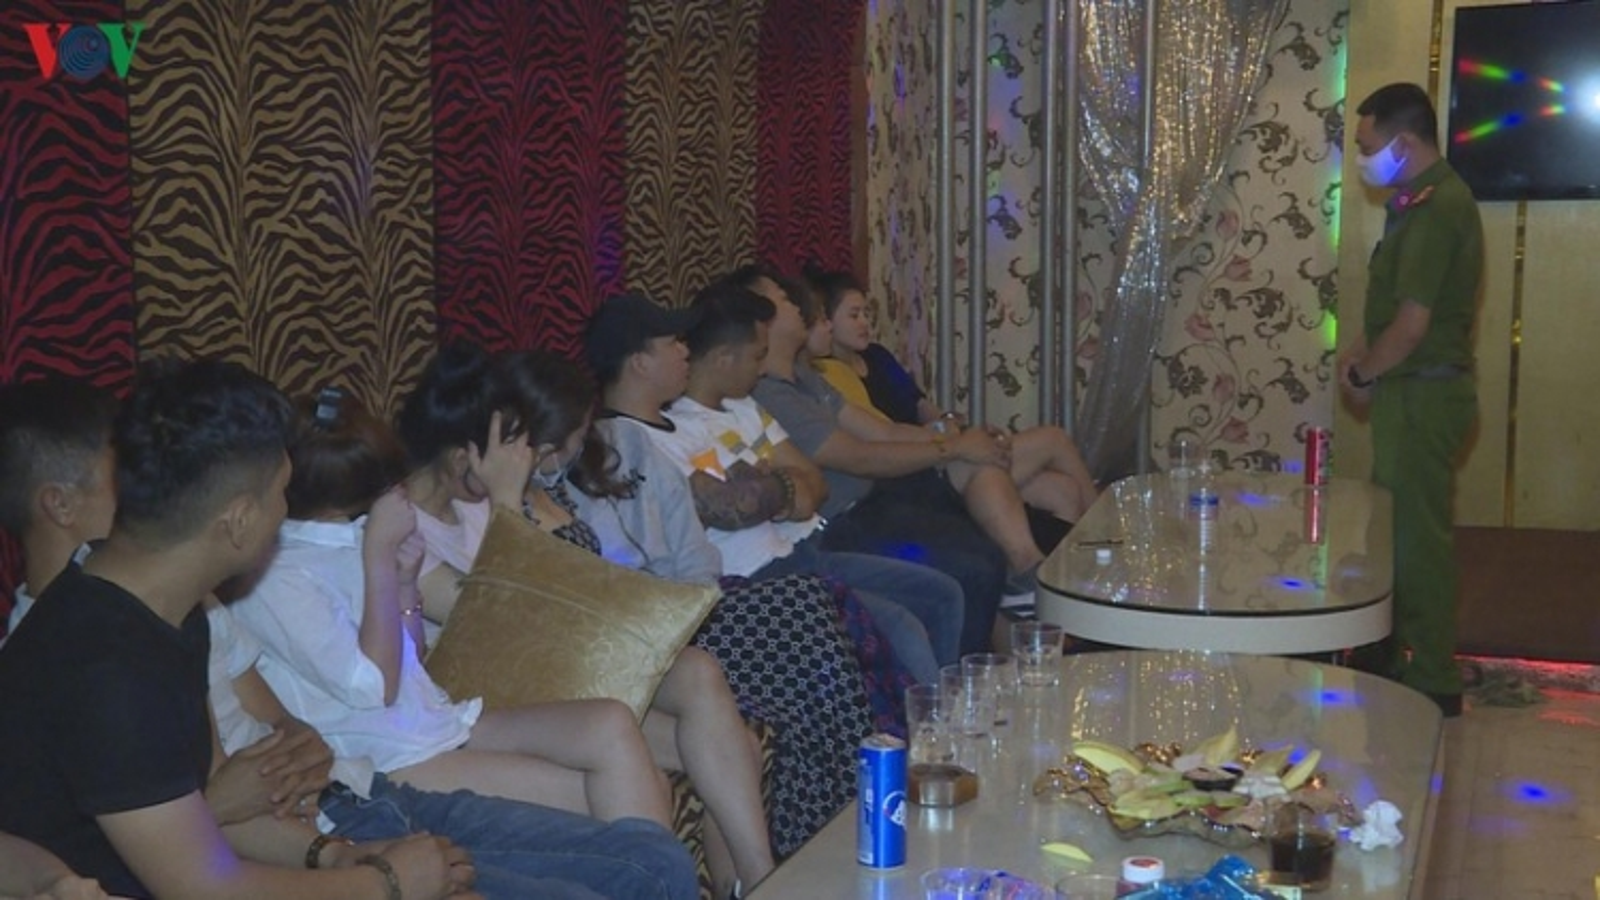 Hàng chục thanh niên thuê phòng karaoke để sử dụng ma túy